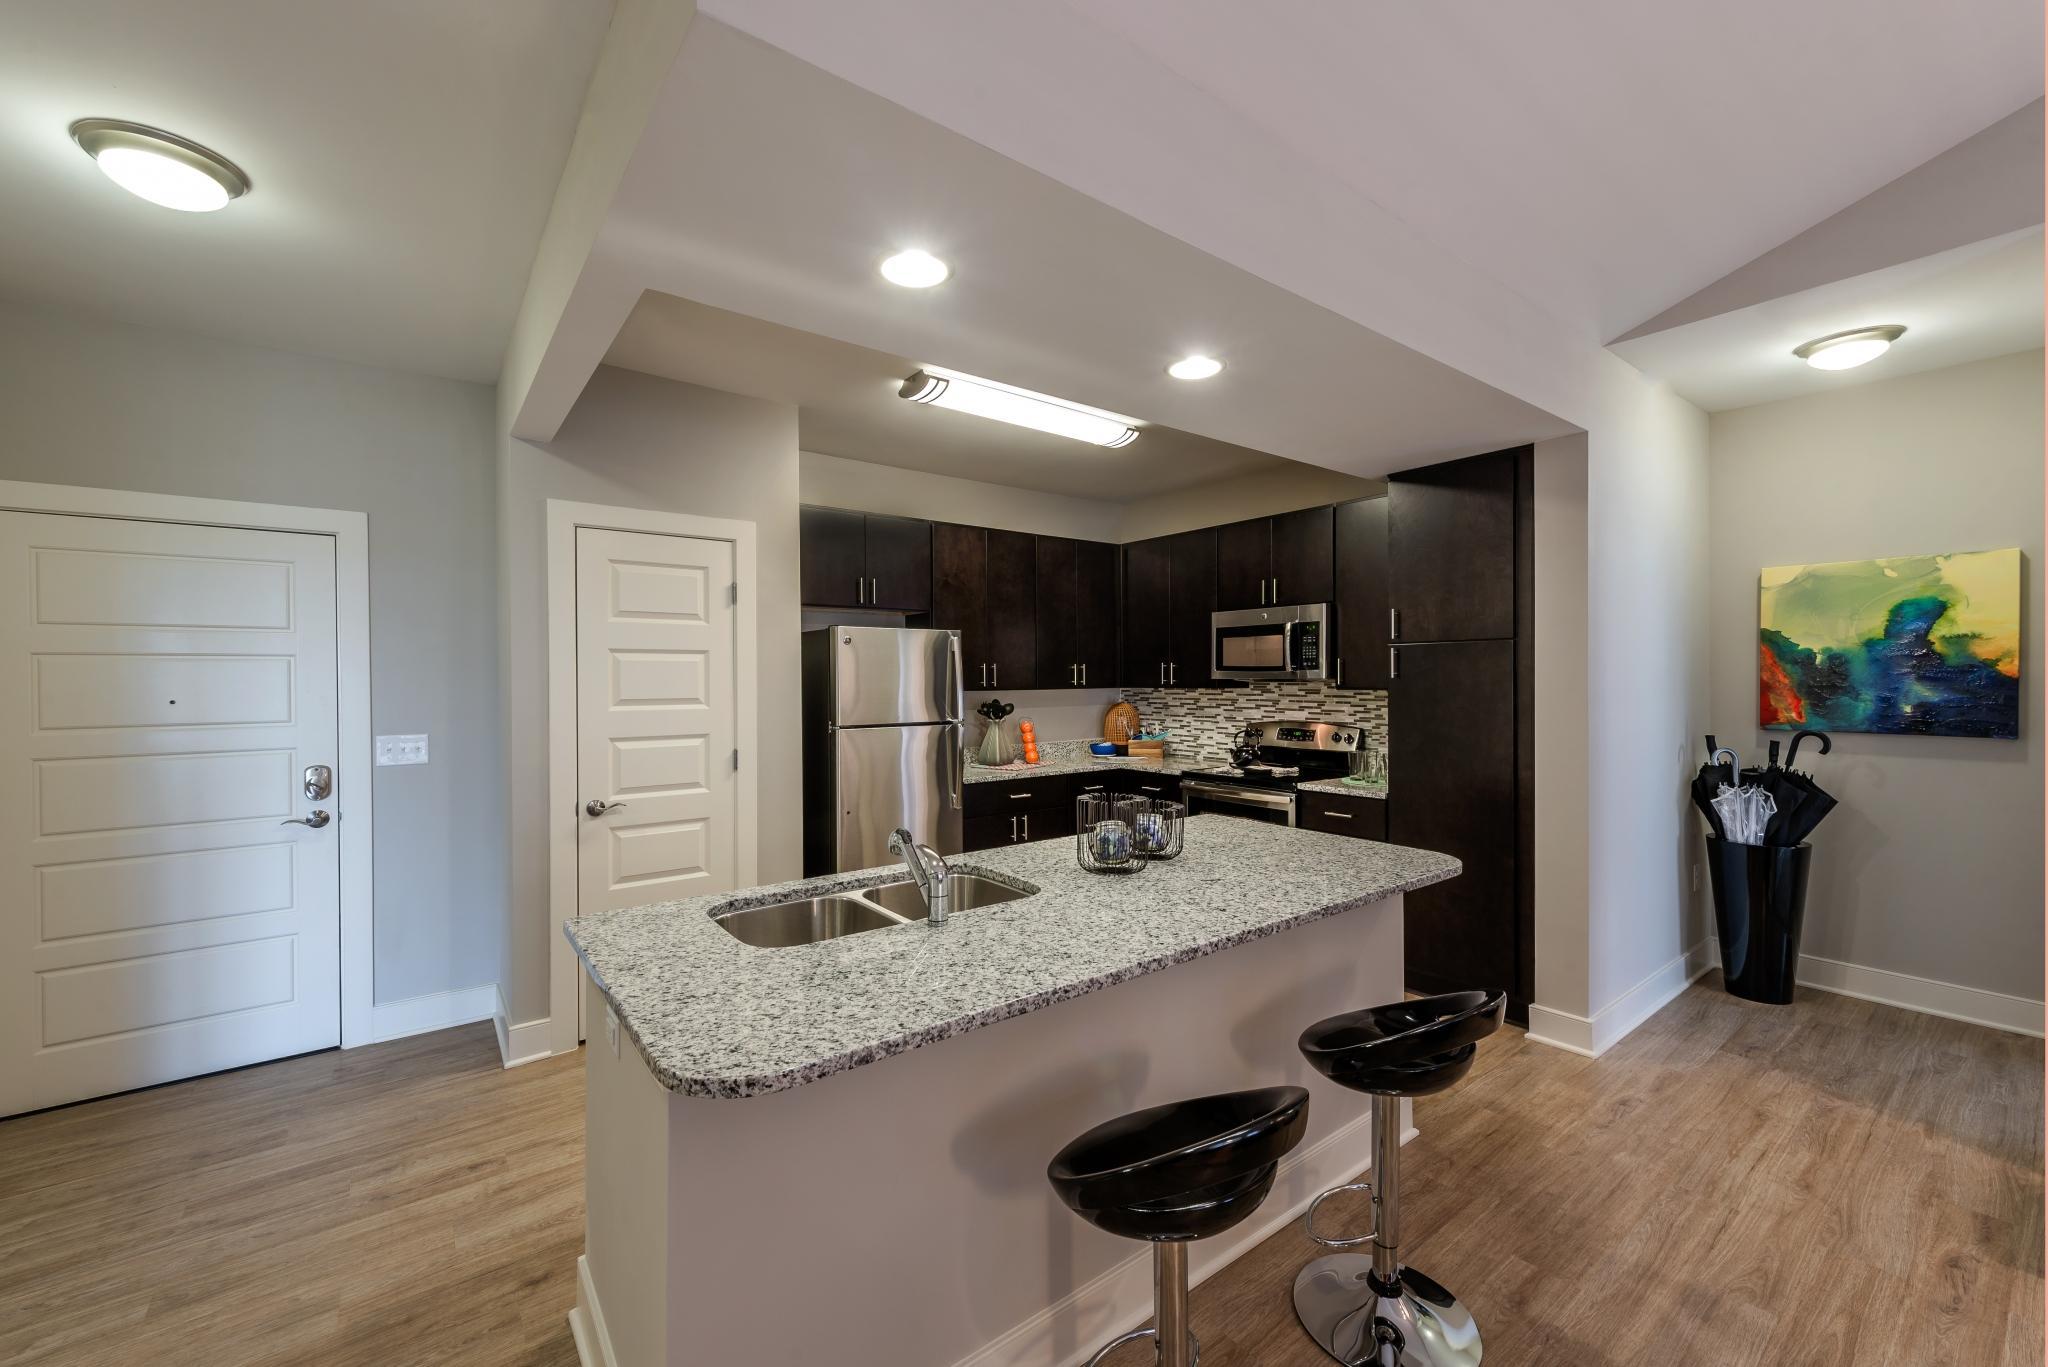 Bedroom Houses For Rent In Virginia Beach Mattress. Studio Apartment Virginia Beach   Interior Design